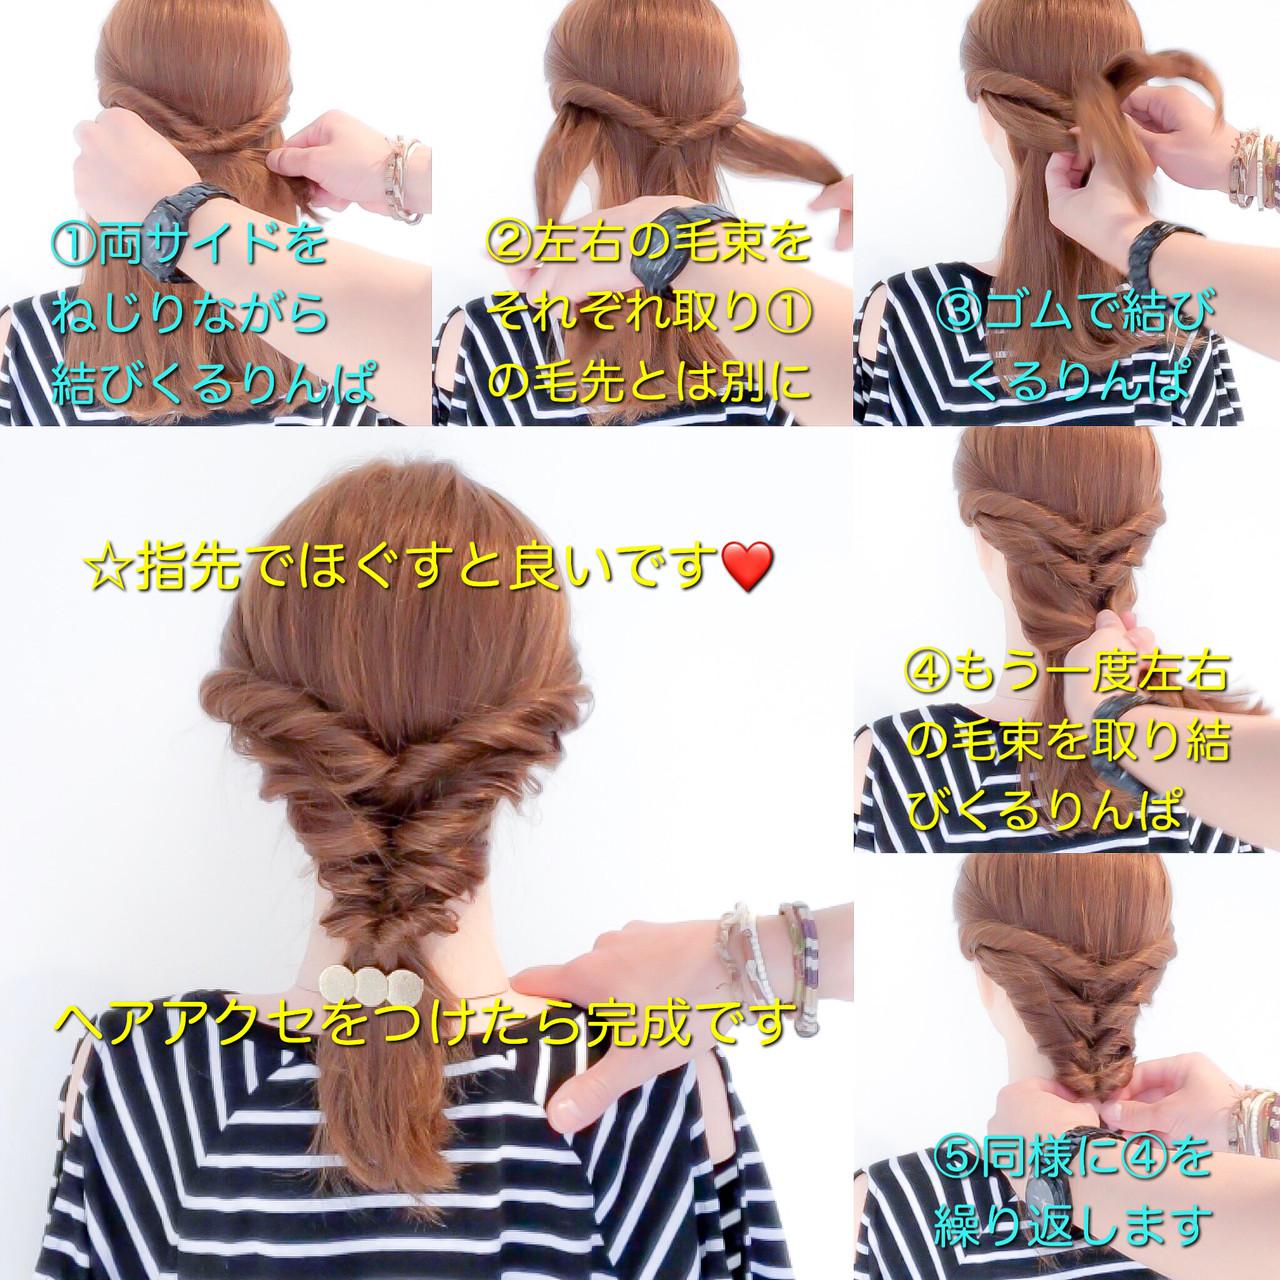 オフィス ヘアアレンジ 簡単ヘアアレンジ セミロング ヘアスタイルや髪型の写真・画像 | 美容師HIRO/Amoute代表 / Amoute/アムティ